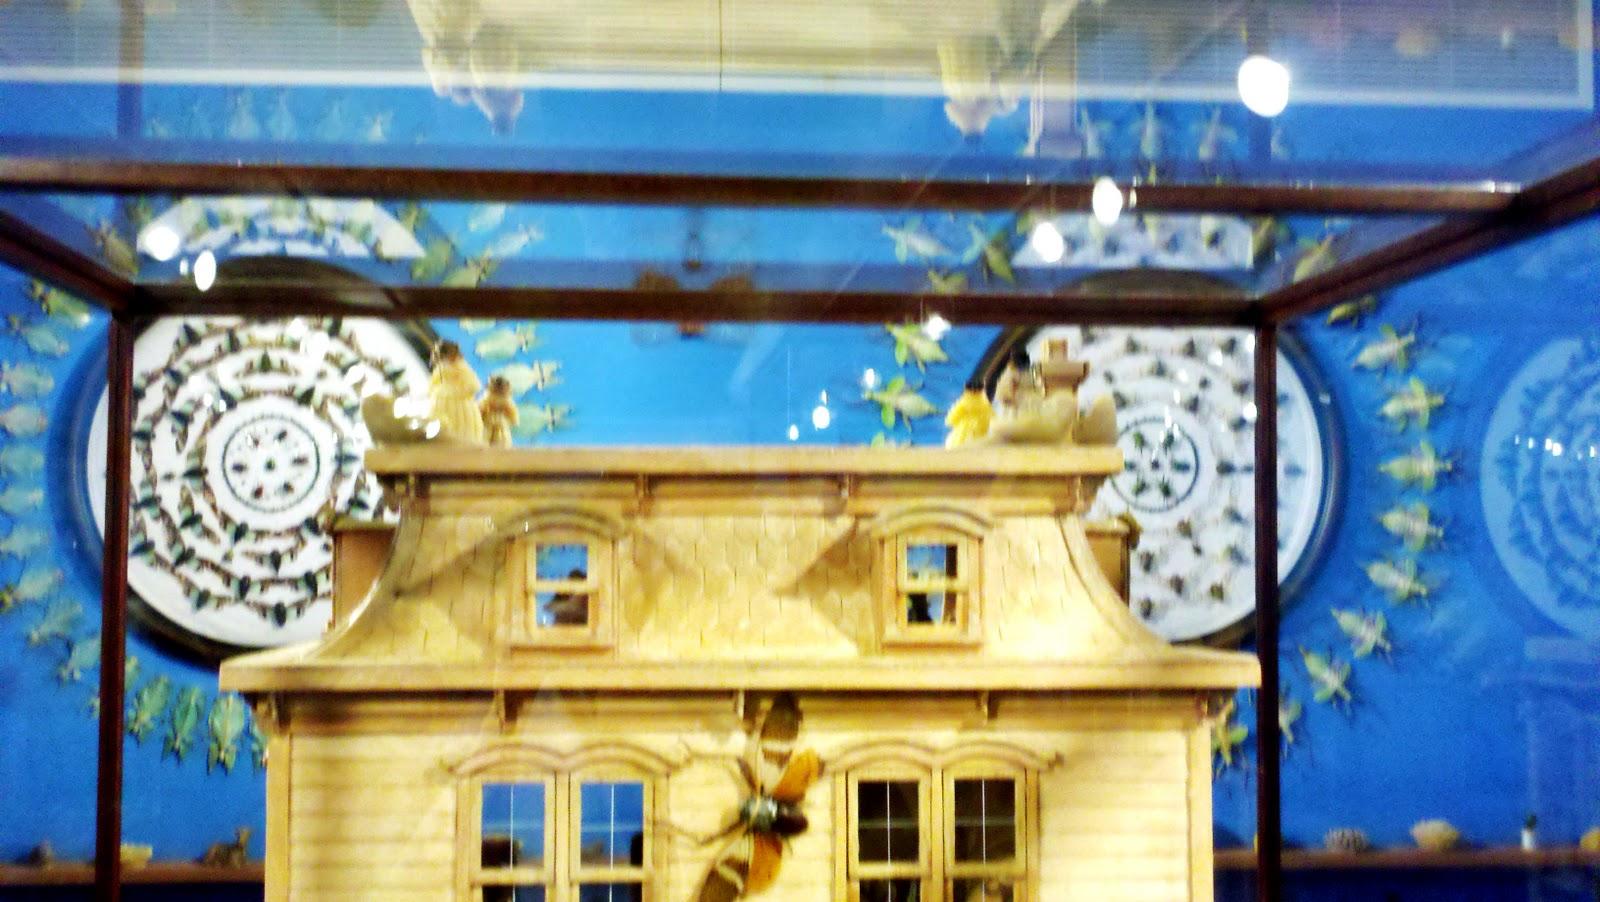 http://3.bp.blogspot.com/_Hh7Ed7Uzlfk/TPa7B-MG3QI/AAAAAAAAA0U/5eD4gcvoONs/s1600/2010-11-21_14-57-21_474.jpg